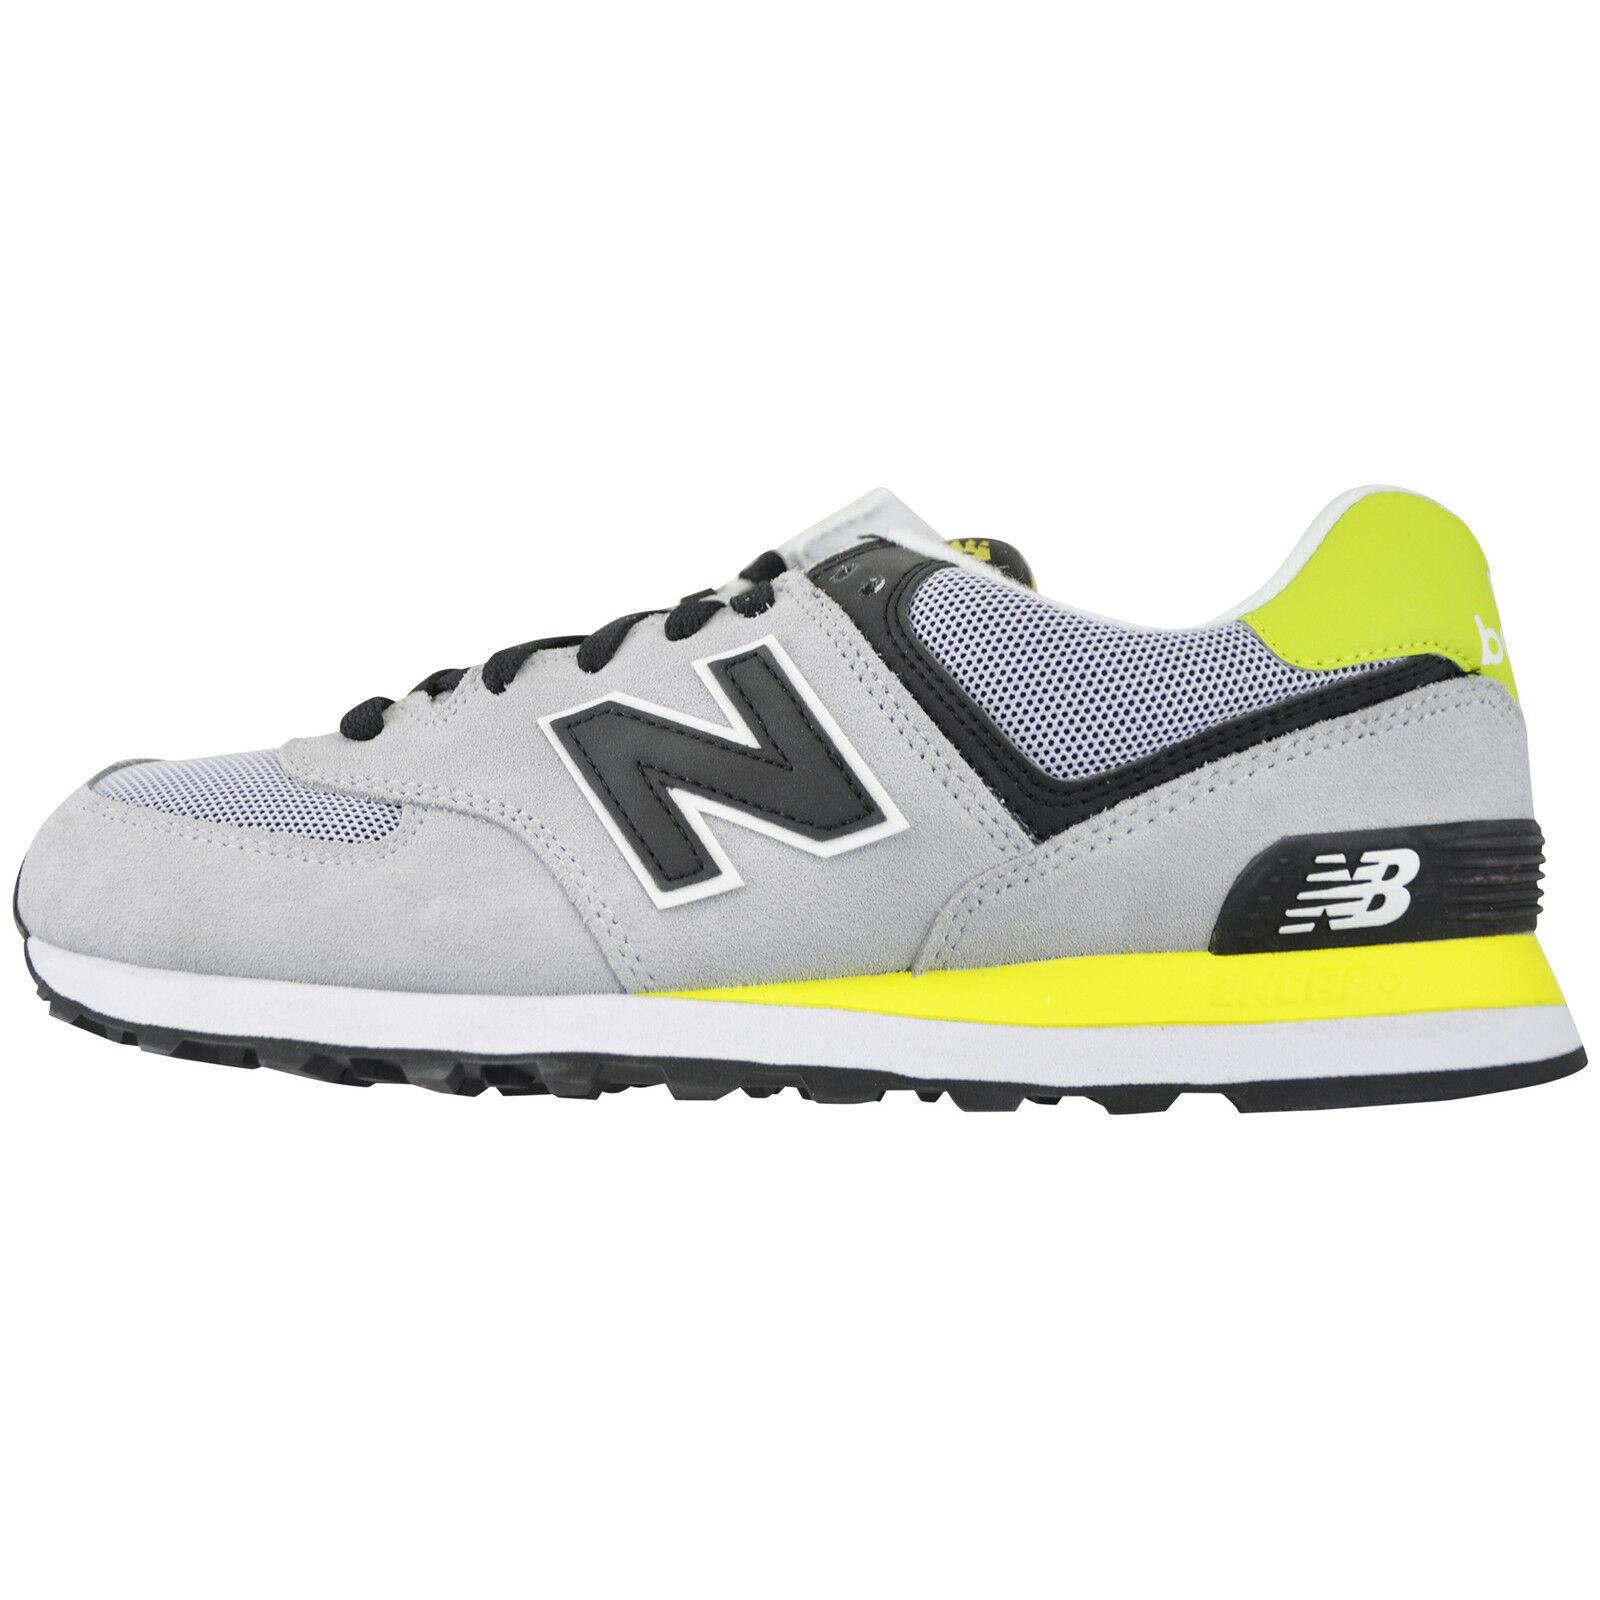 New Balance WL574CPJ Lifestyle Sneaker Freizeit Laufschuhe